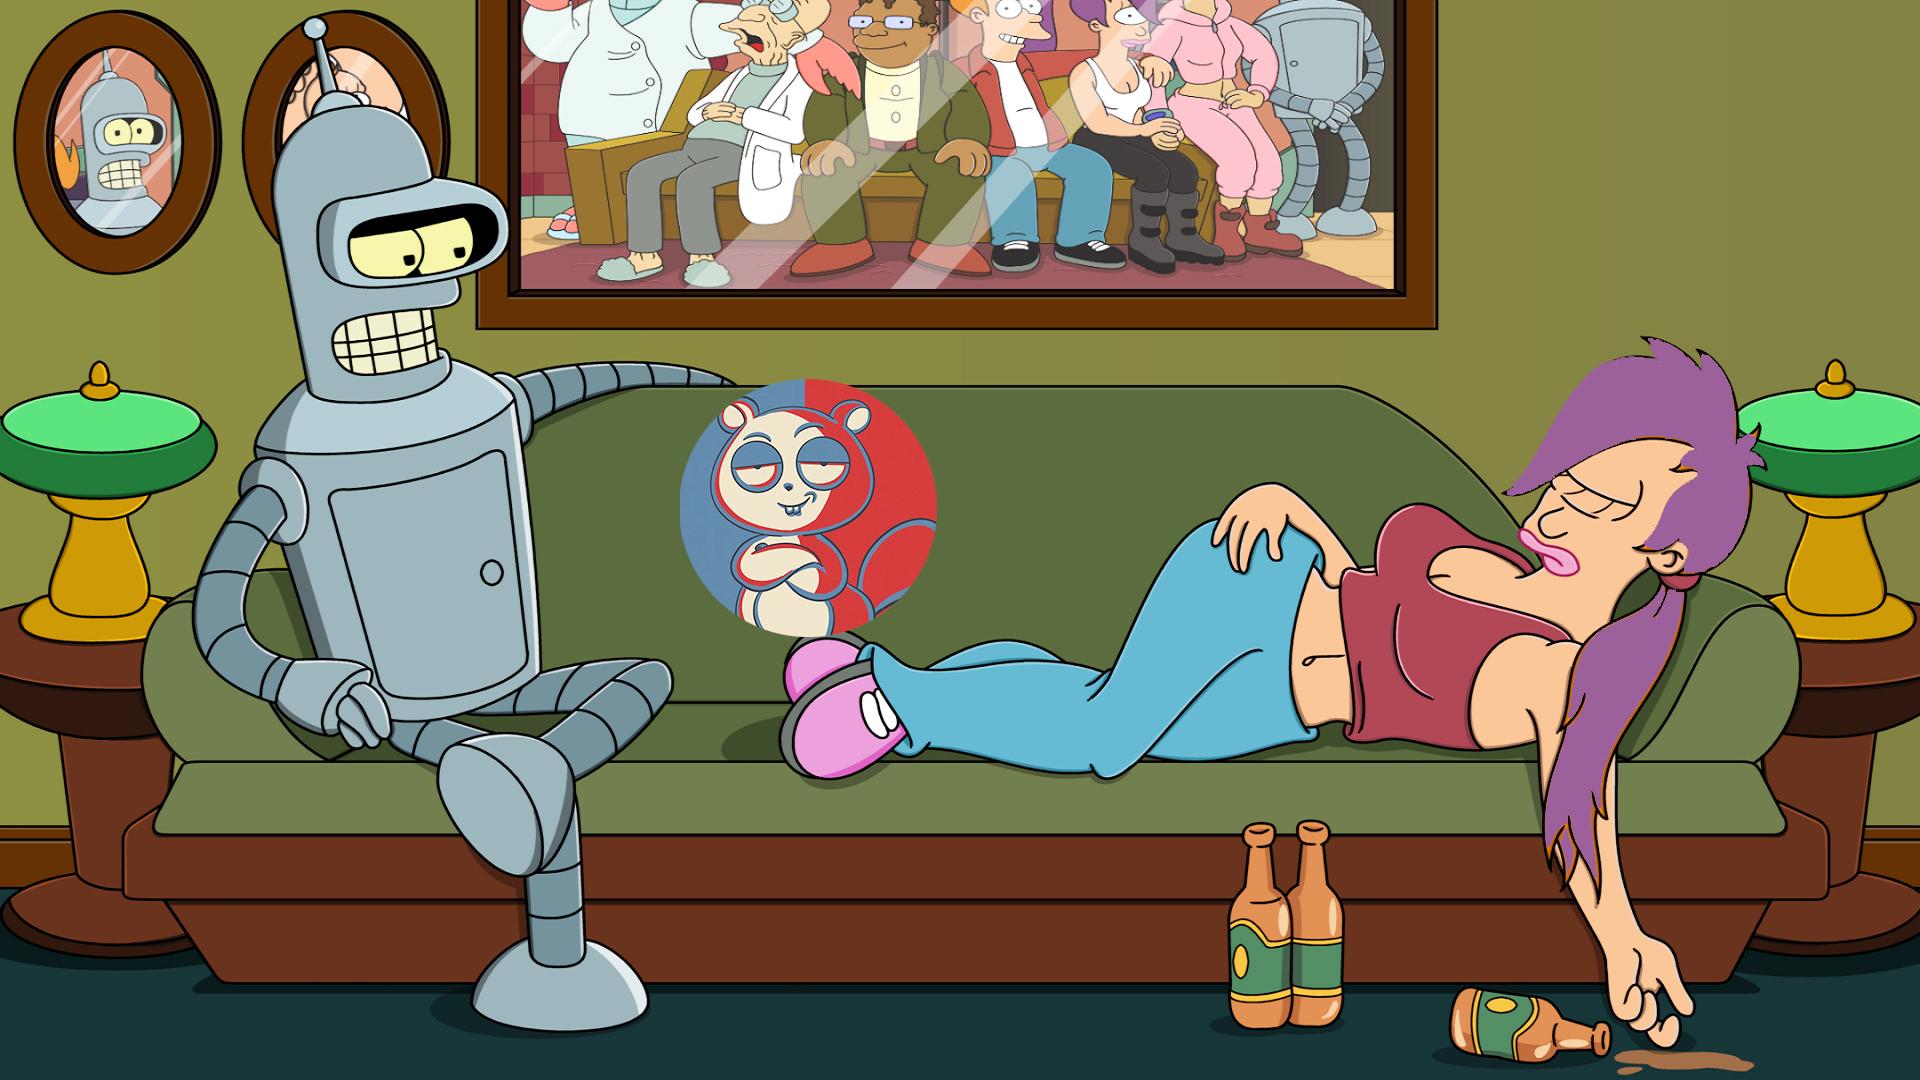 【飞鼠】31世纪的机器人,他的快乐你想象不到!《飞出个未来》之情感互通